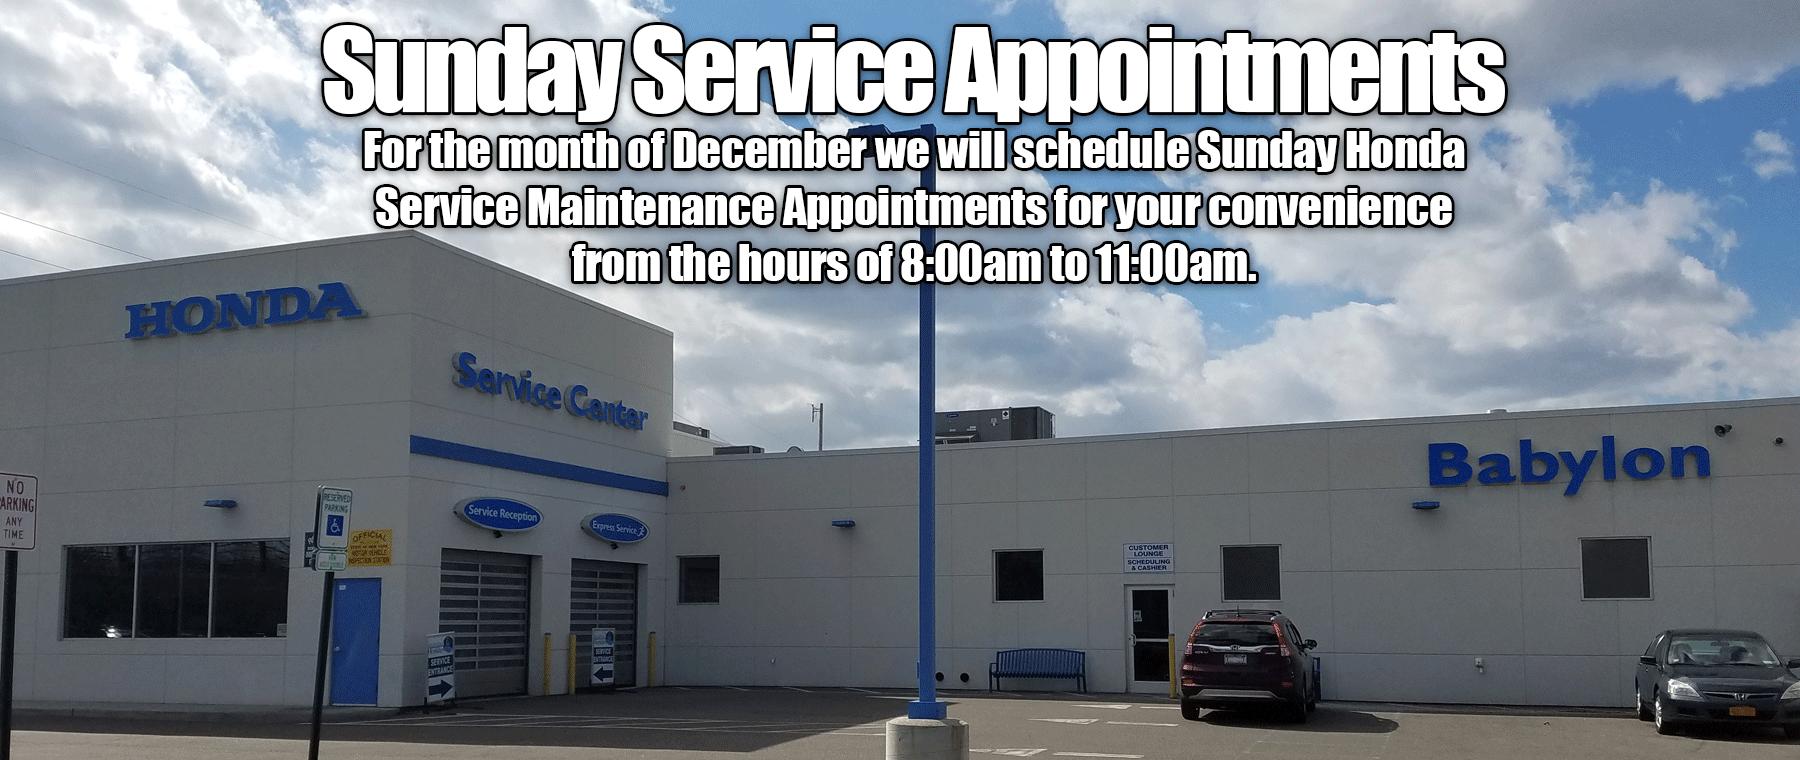 Sunday Service Center